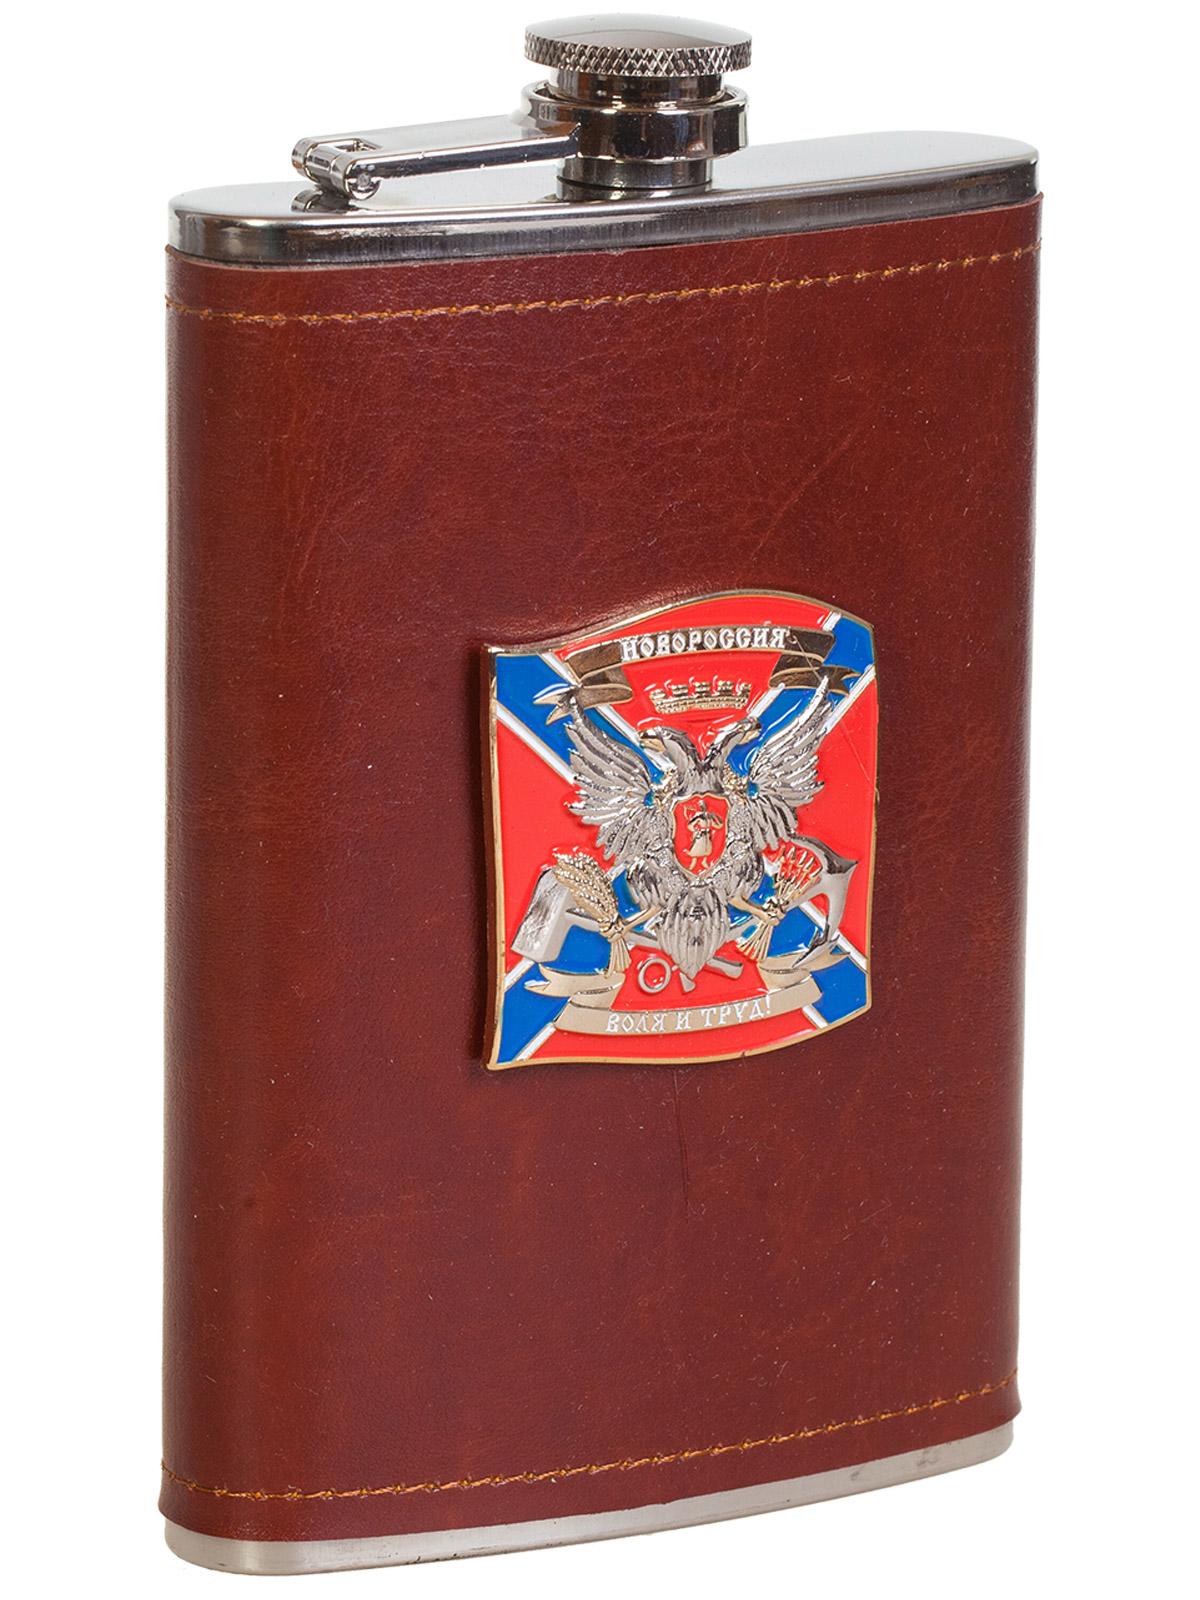 Купить мужскую оригинальную флягу с металлической накладкой Новороссия оптом выгодно